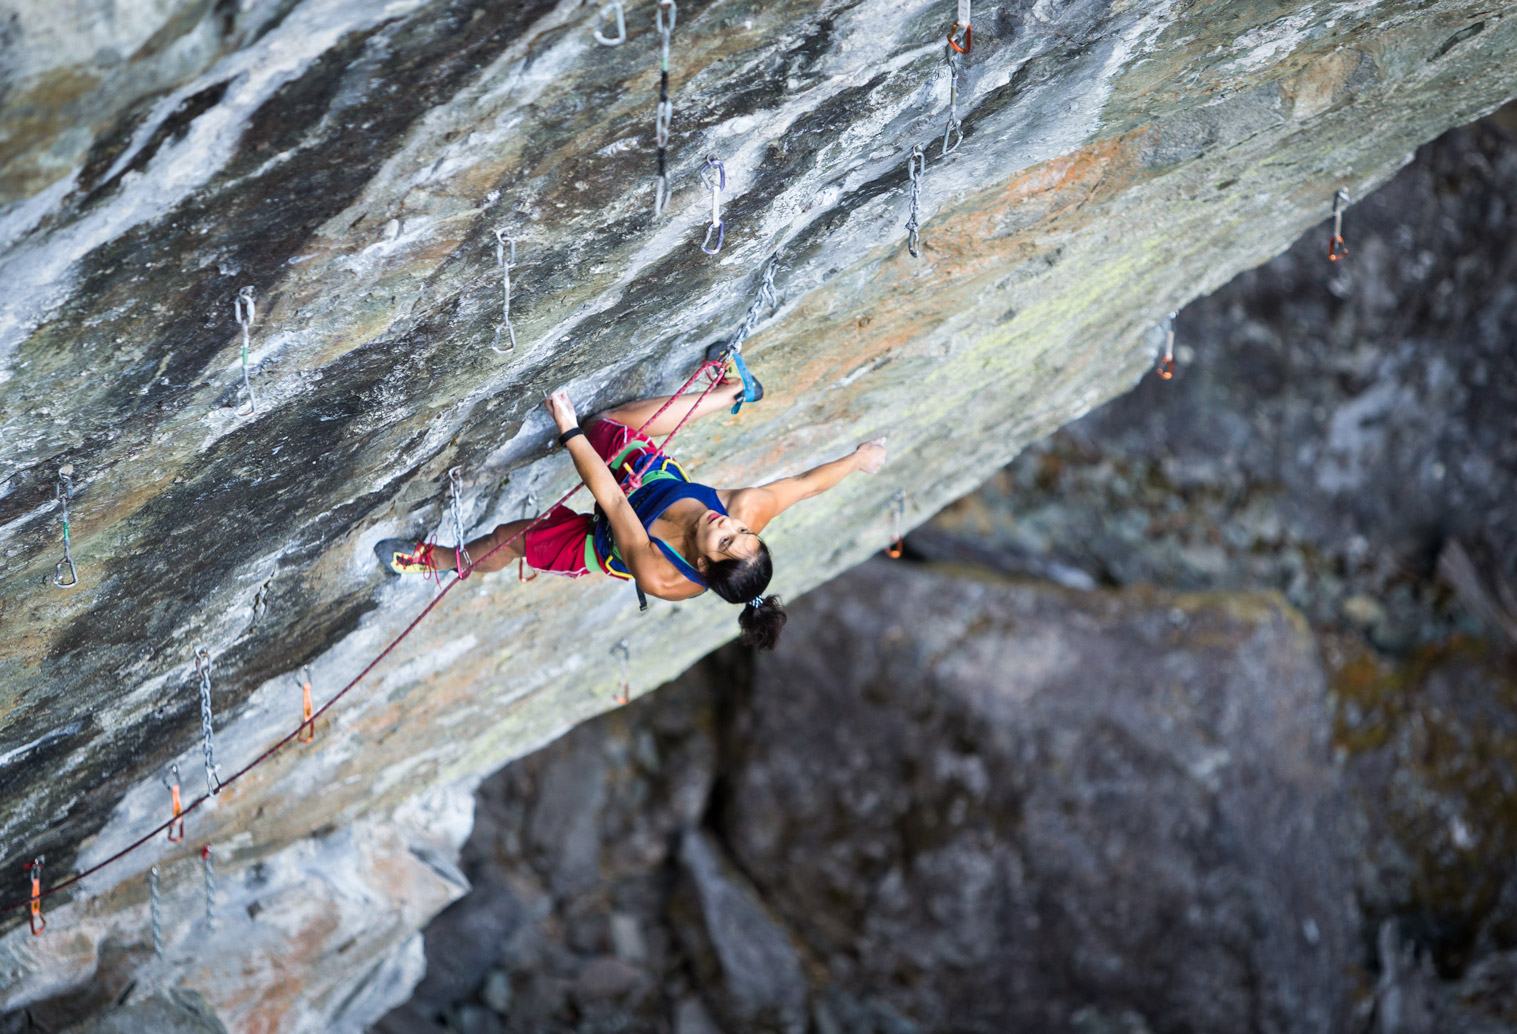 Alannah Yip - The Pulse, 14a - Cheakamus Canyon, BC.